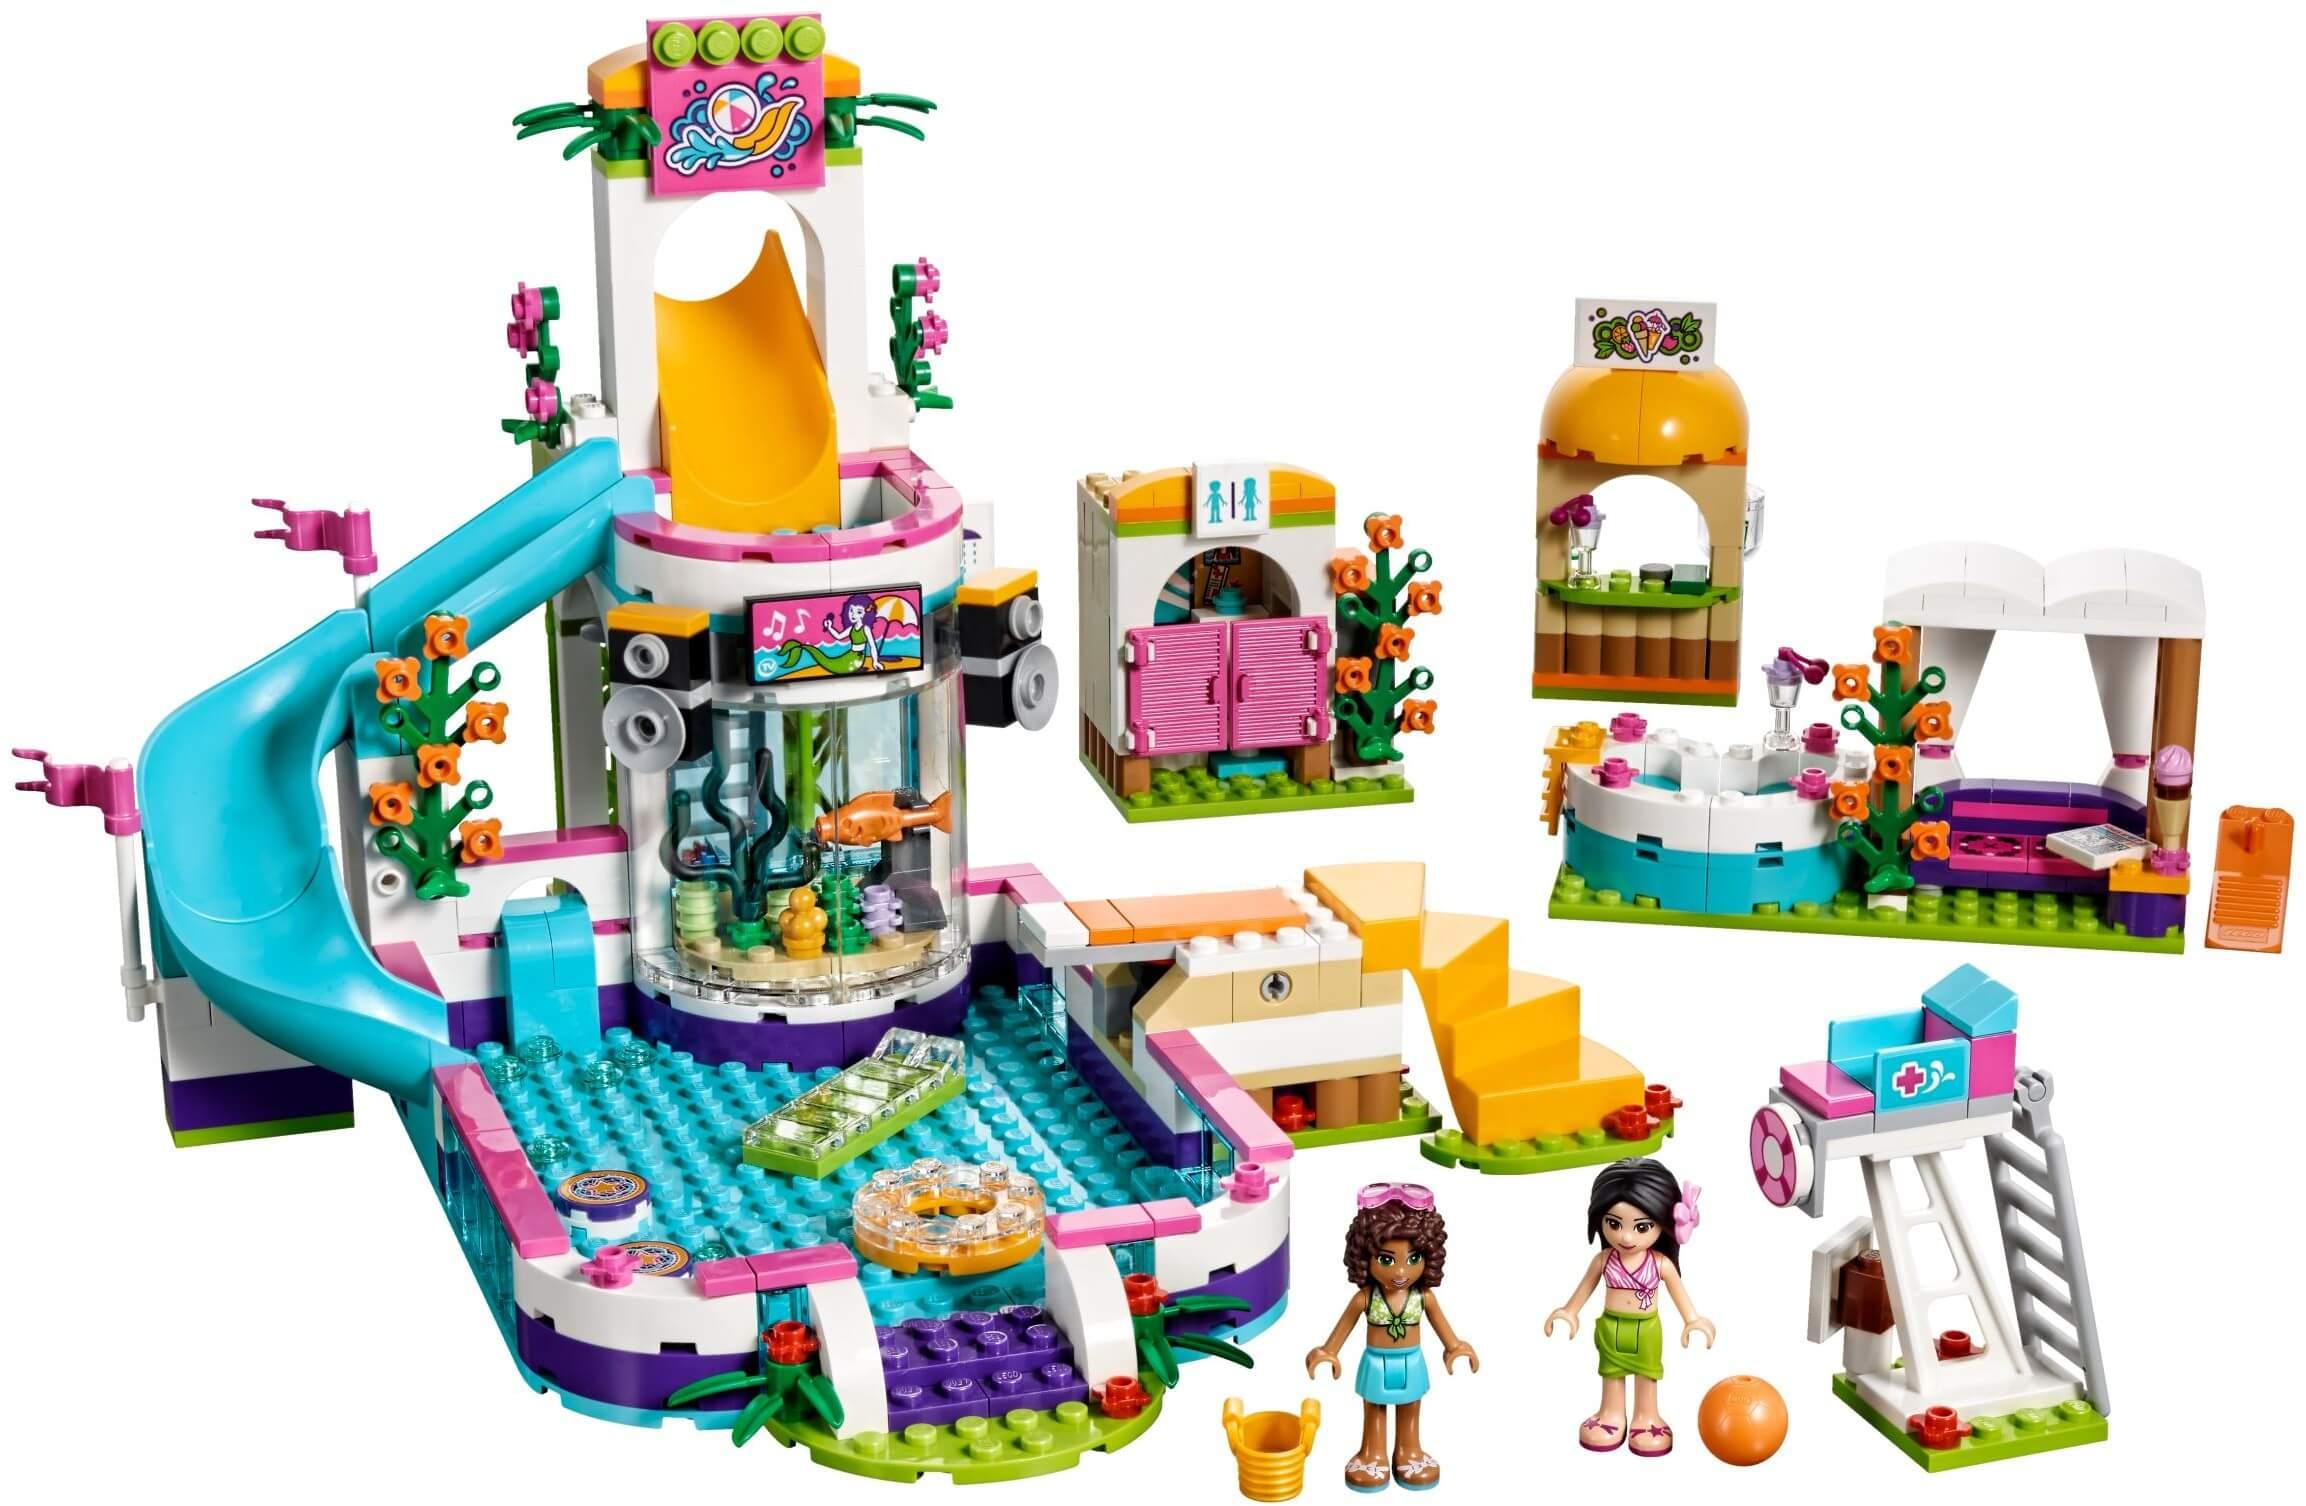 Mua đồ chơi LEGO 41313 - LEGO Friends 41313 - Công Viên Nước Heartlake (LEGO 41313 Heartlake Summer Pool)